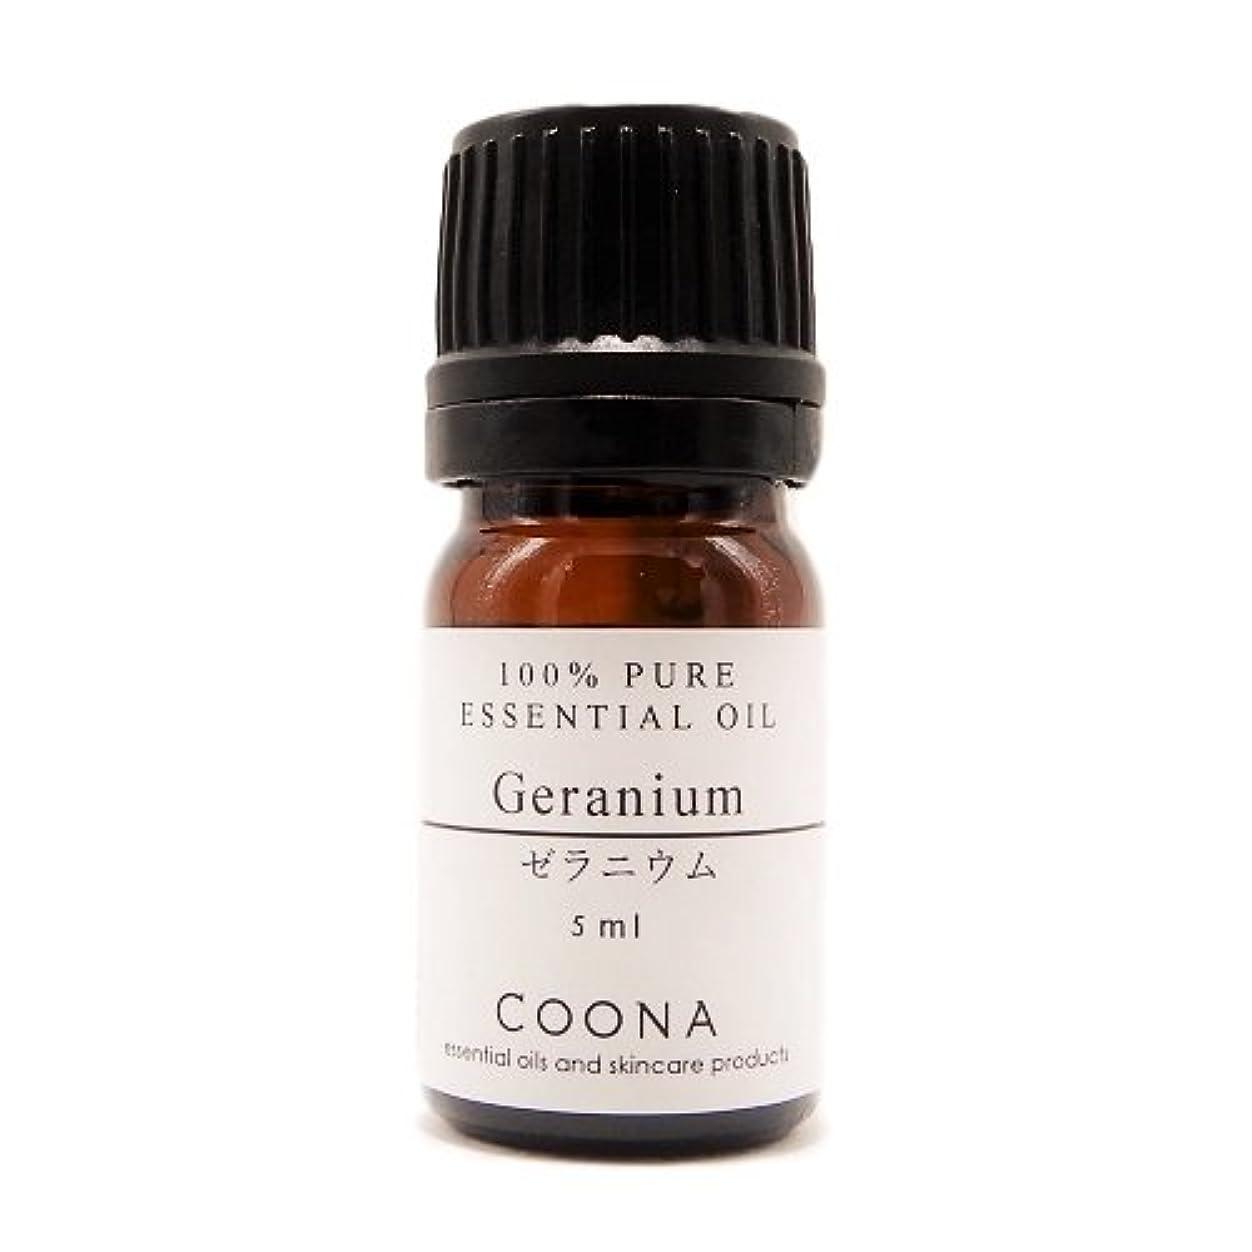 マザーランド定規送るゼラニウム 5ml (COONA エッセンシャルオイル アロマオイル 100%天然植物精油)